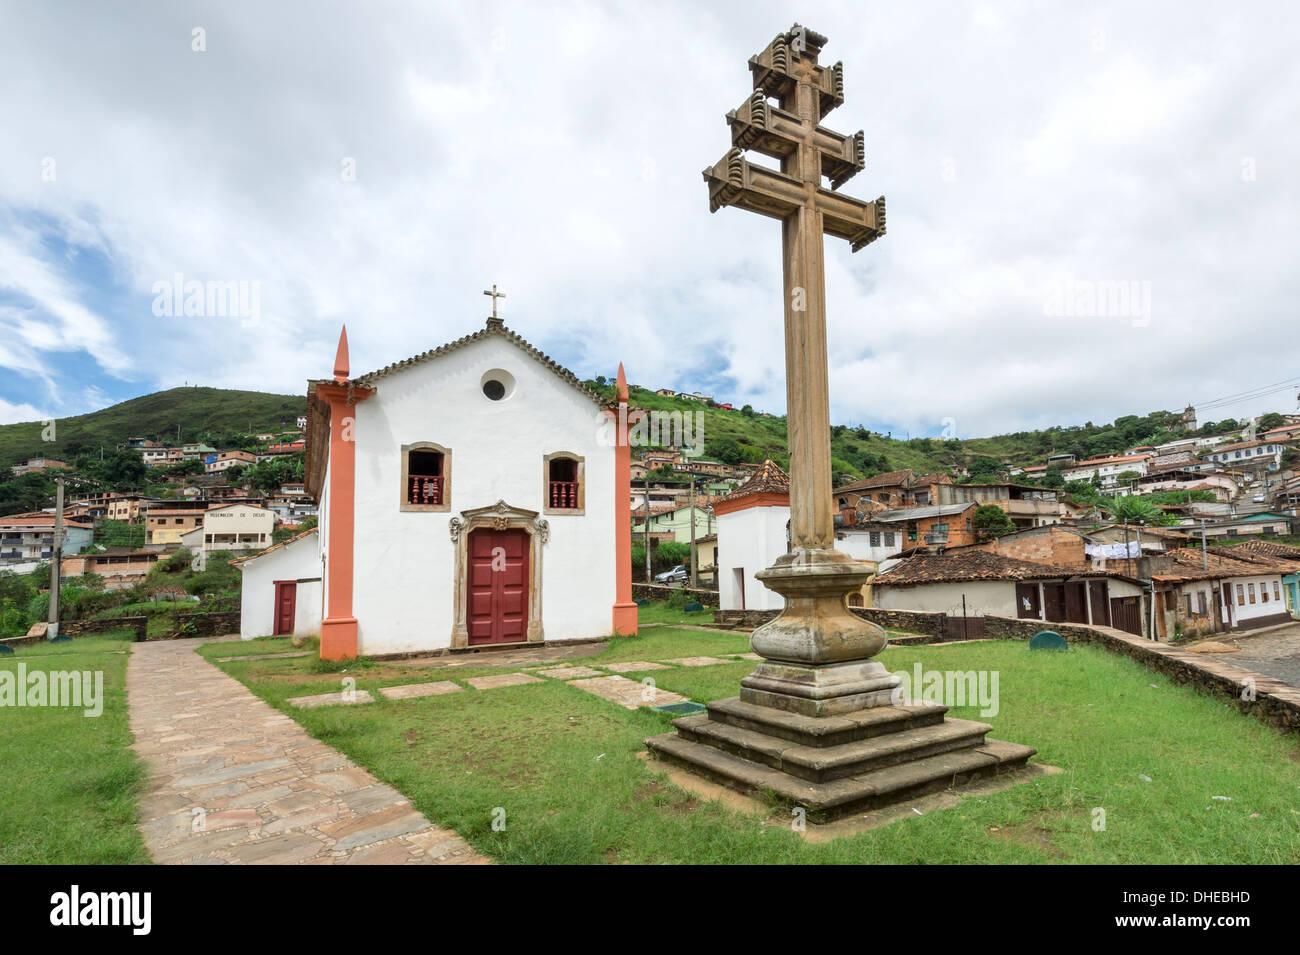 Padre Faria Chiesa, Ouro Preto, Sito Patrimonio Mondiale dell'UNESCO, Minas Gerais, Brasile Immagini Stock